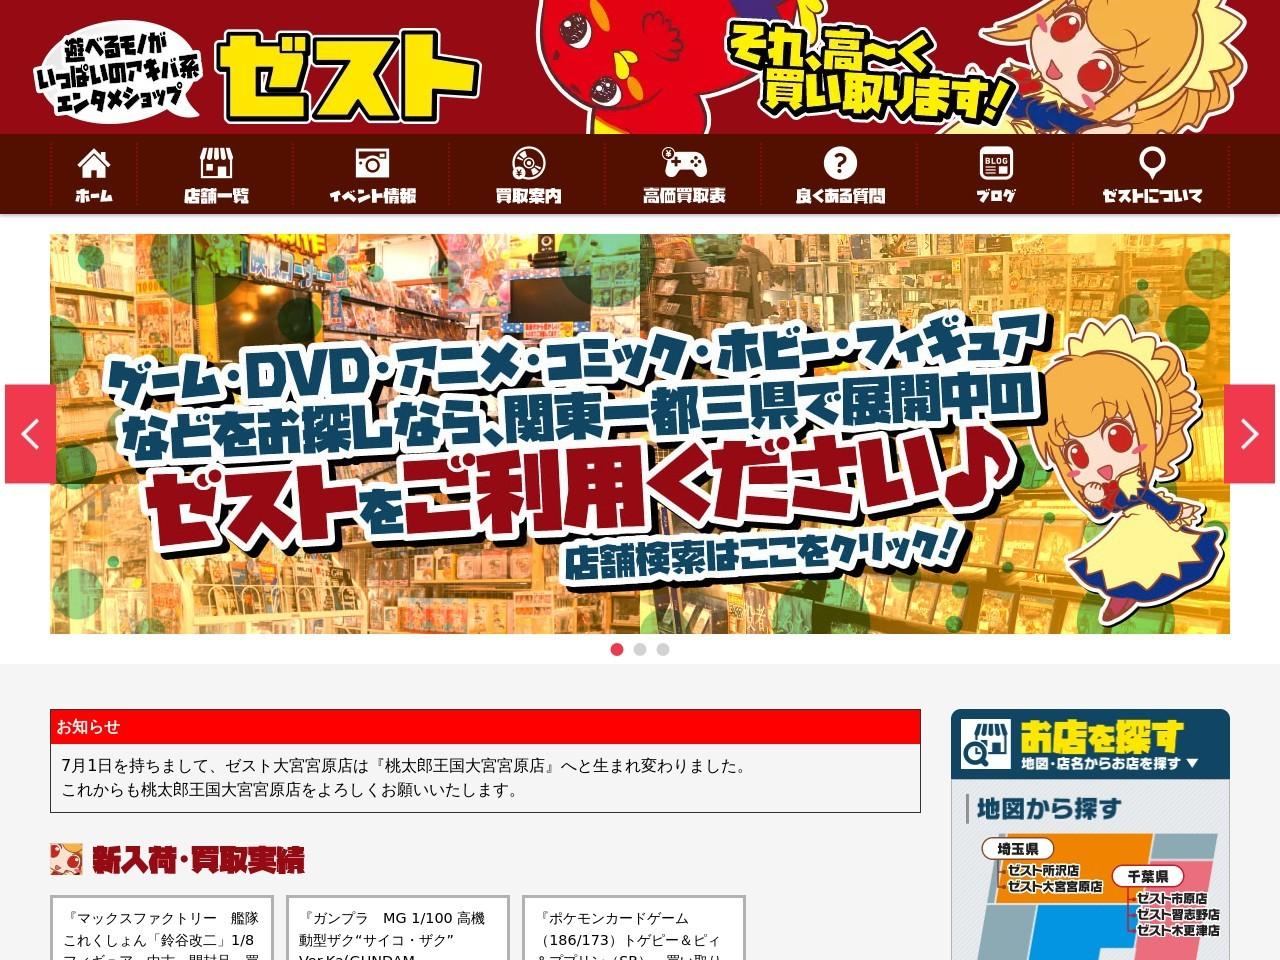 ゼスト | TVゲーム・DVD・PCゲームの高価買取・販売店